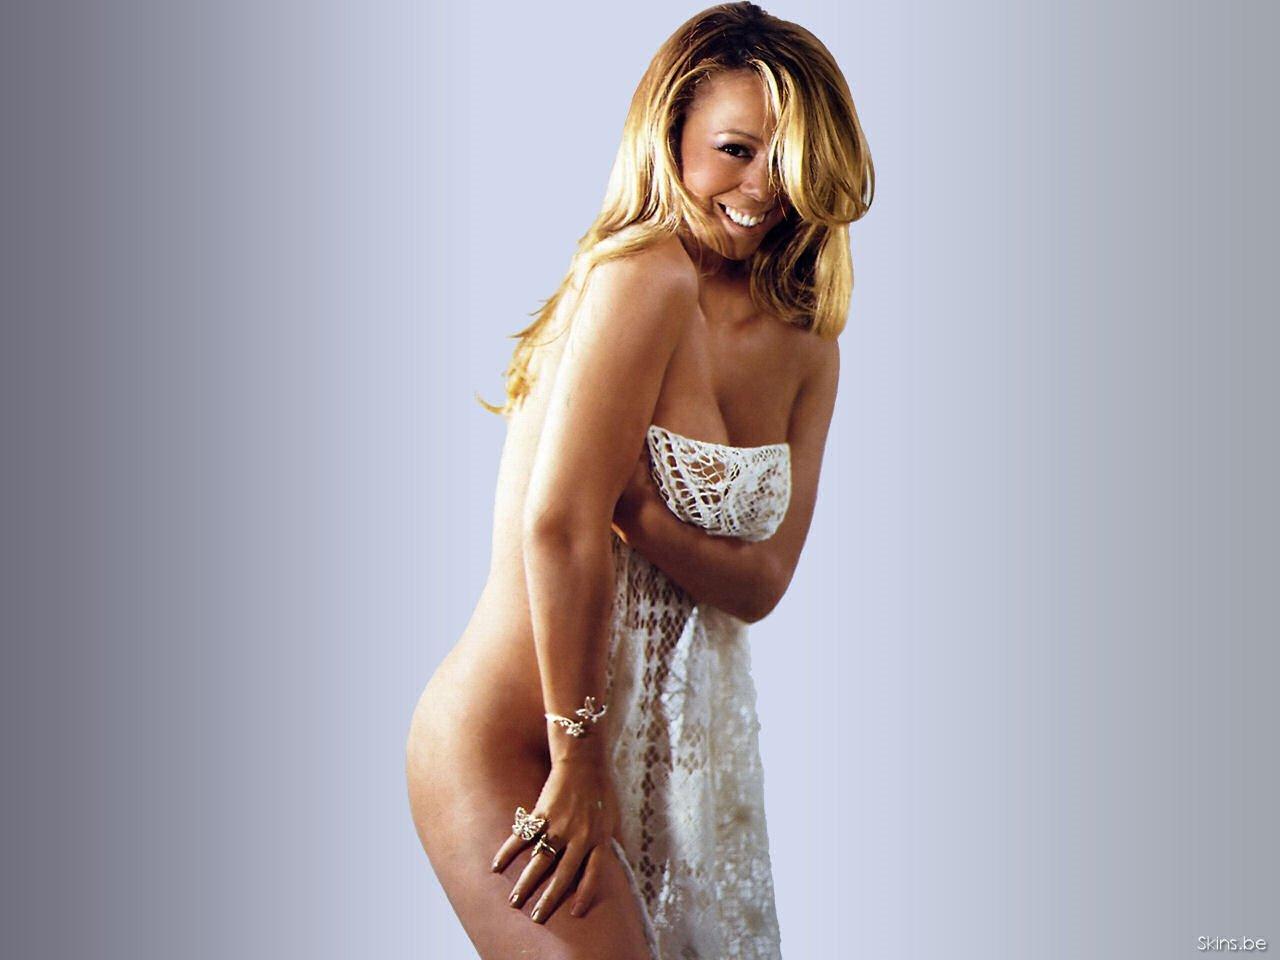 mariah-carey-nude-hd-photos